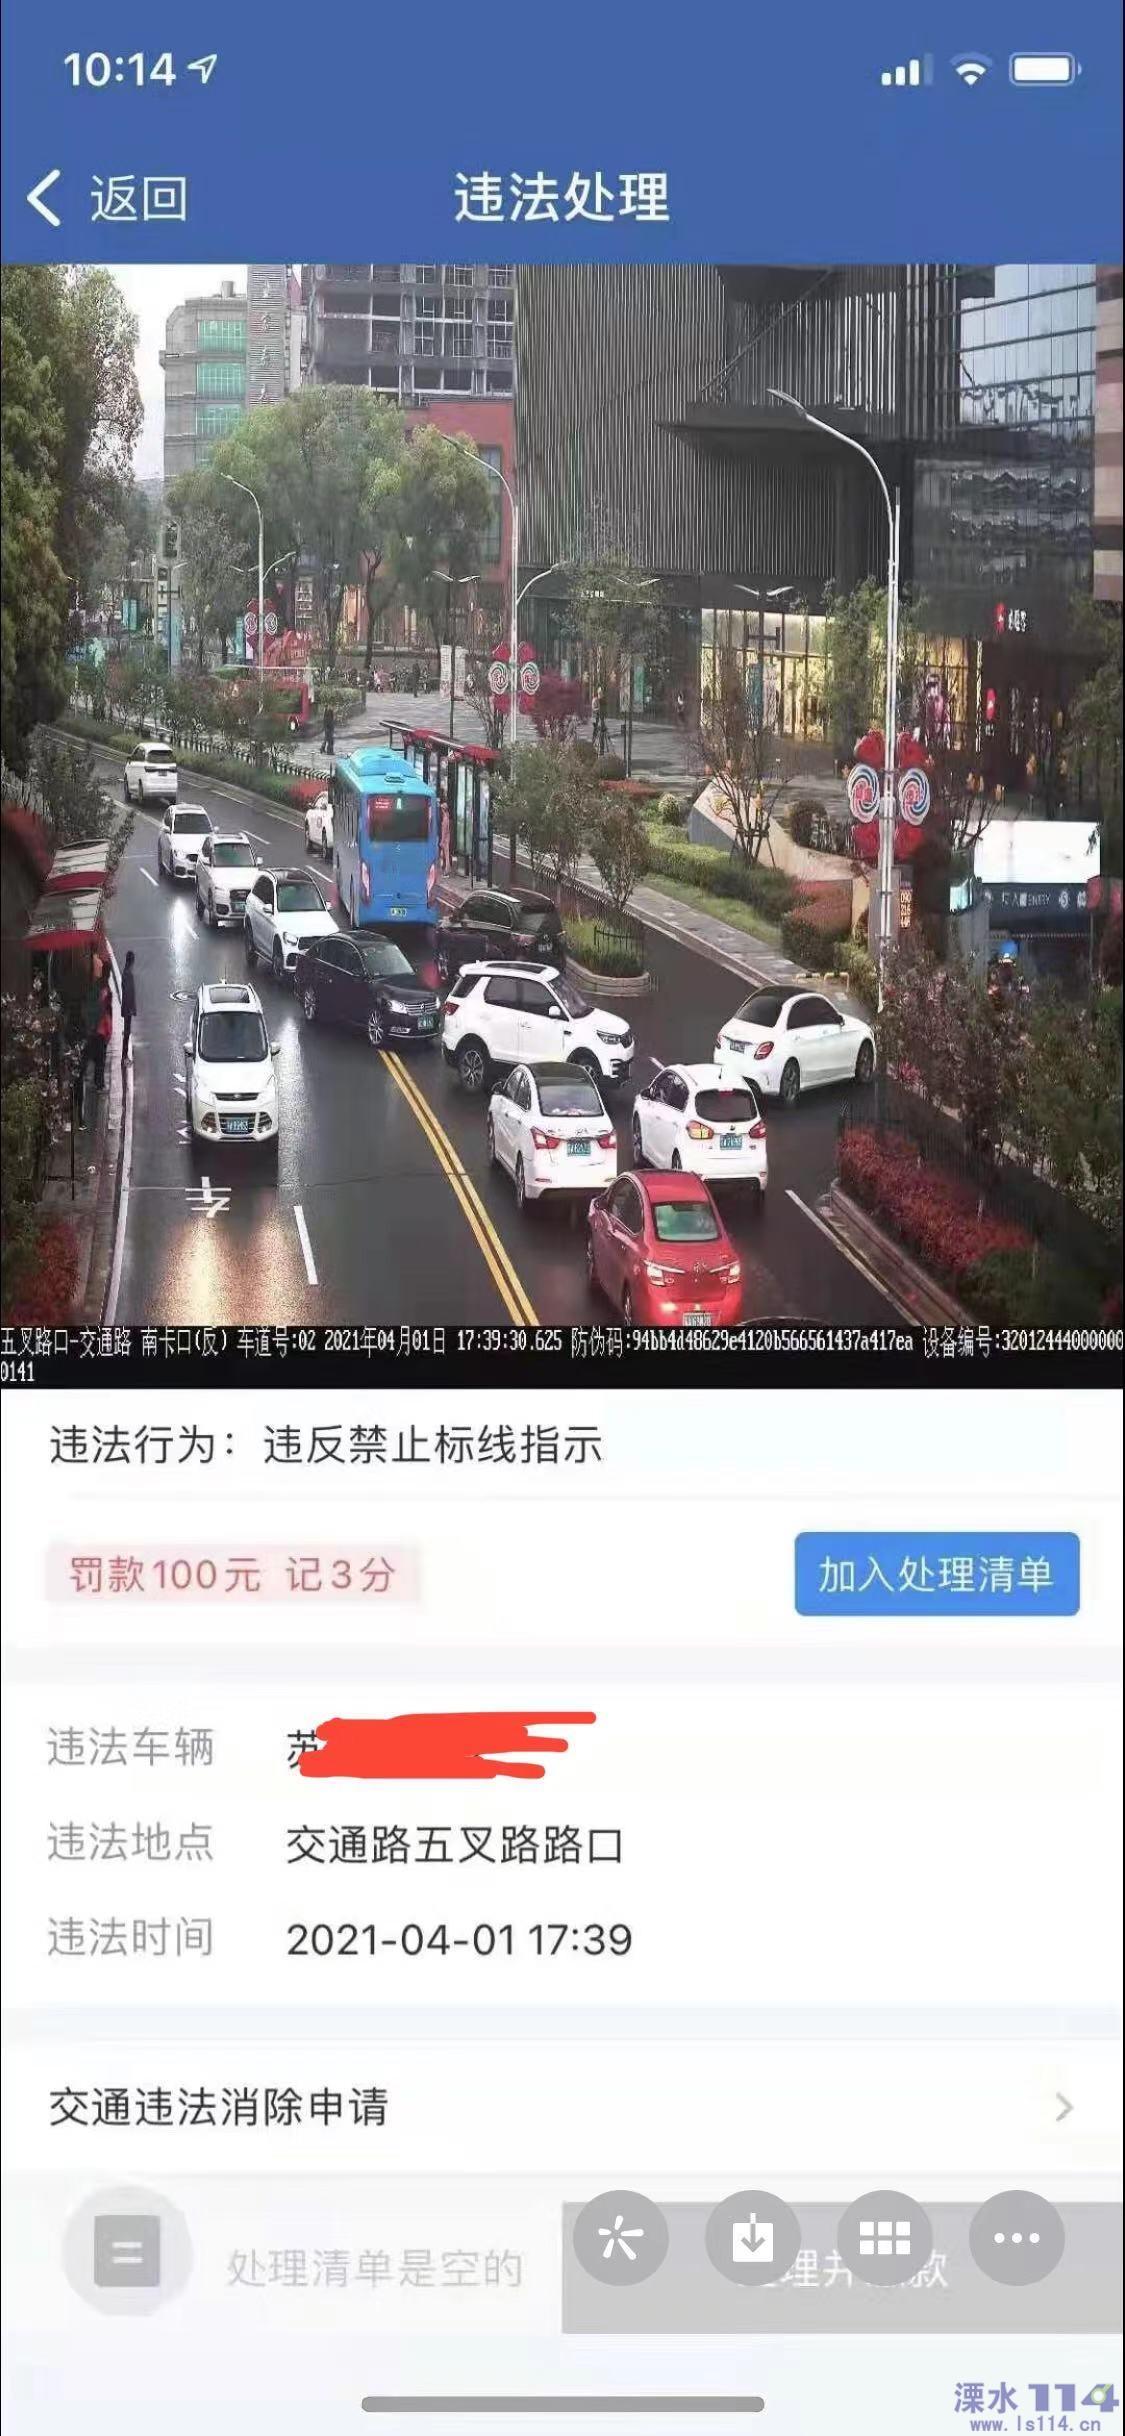 通济街这个地方禁止左拐,否则罚100记3分,已有车子中招!